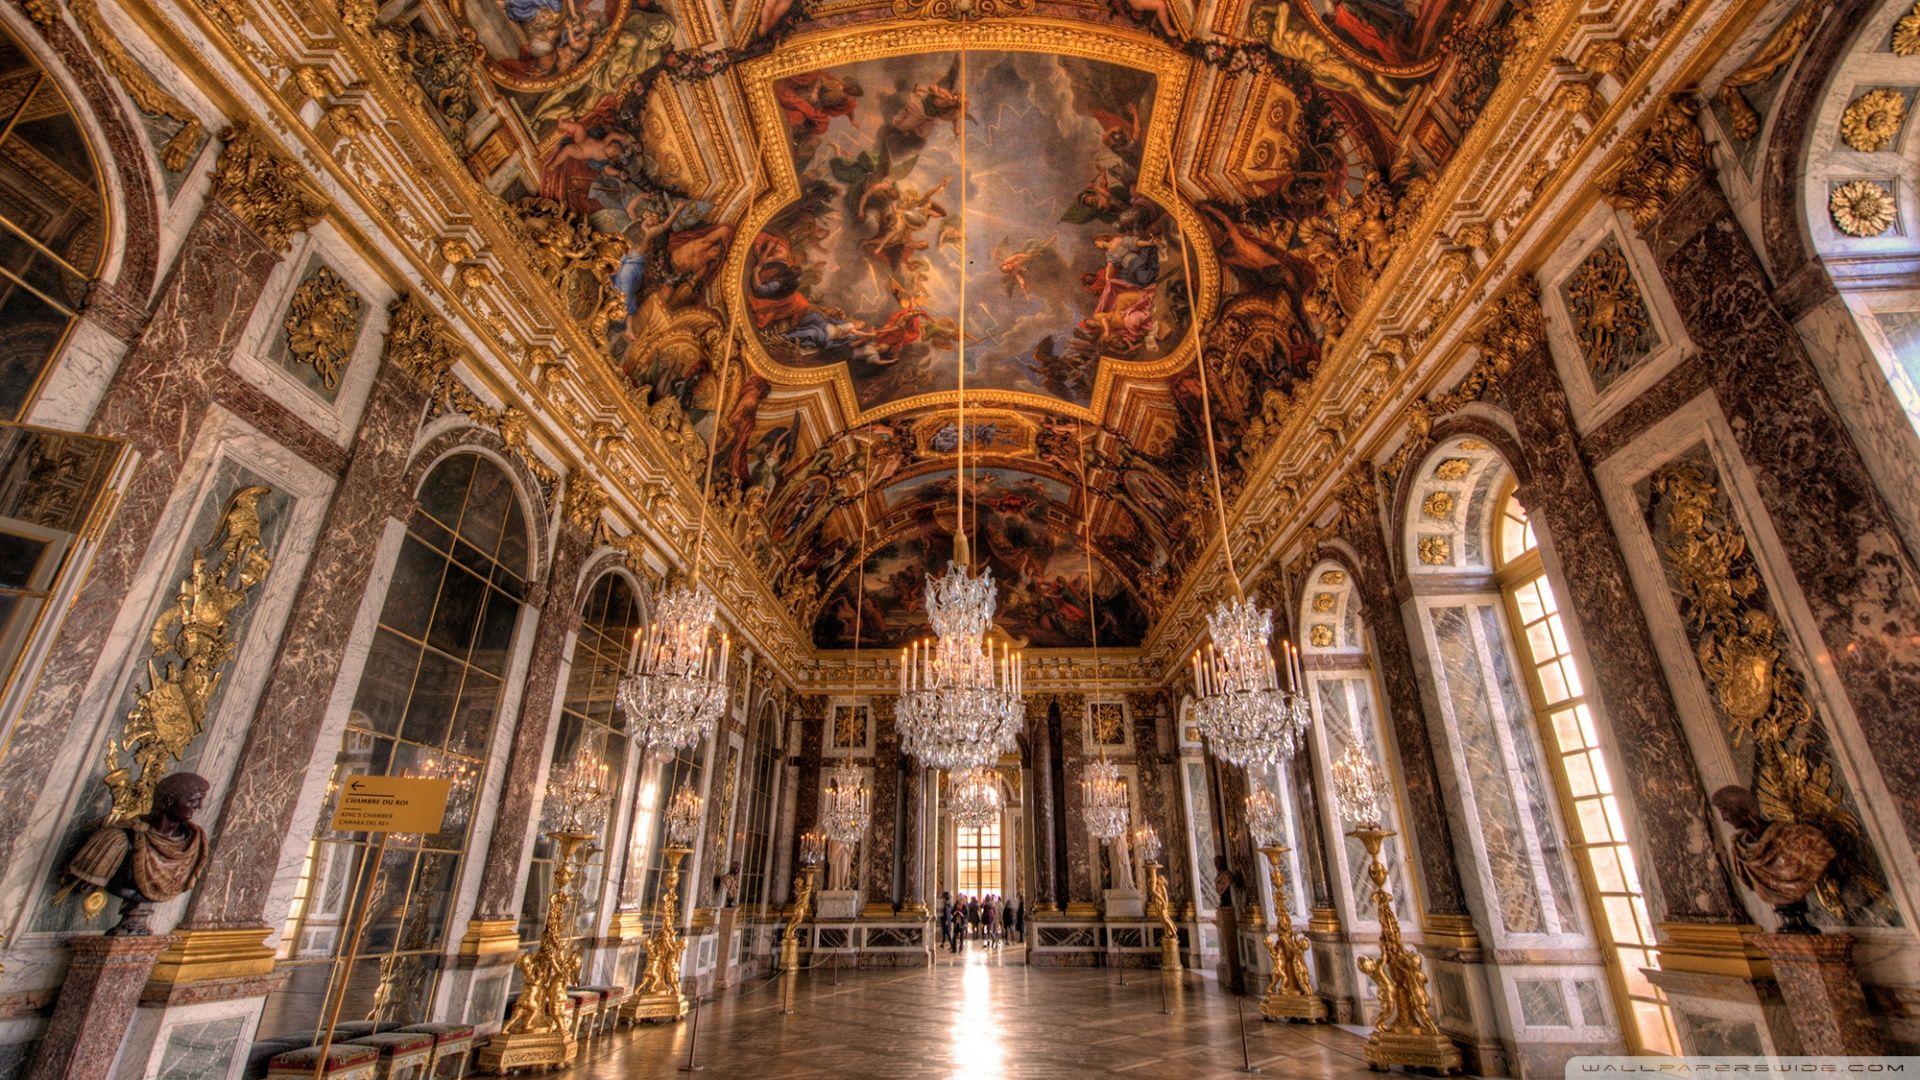 2ed5f60ea1bc2d291ca68bc3485573a8 - Palace Of Versailles Gardens Outdoor Ballroom